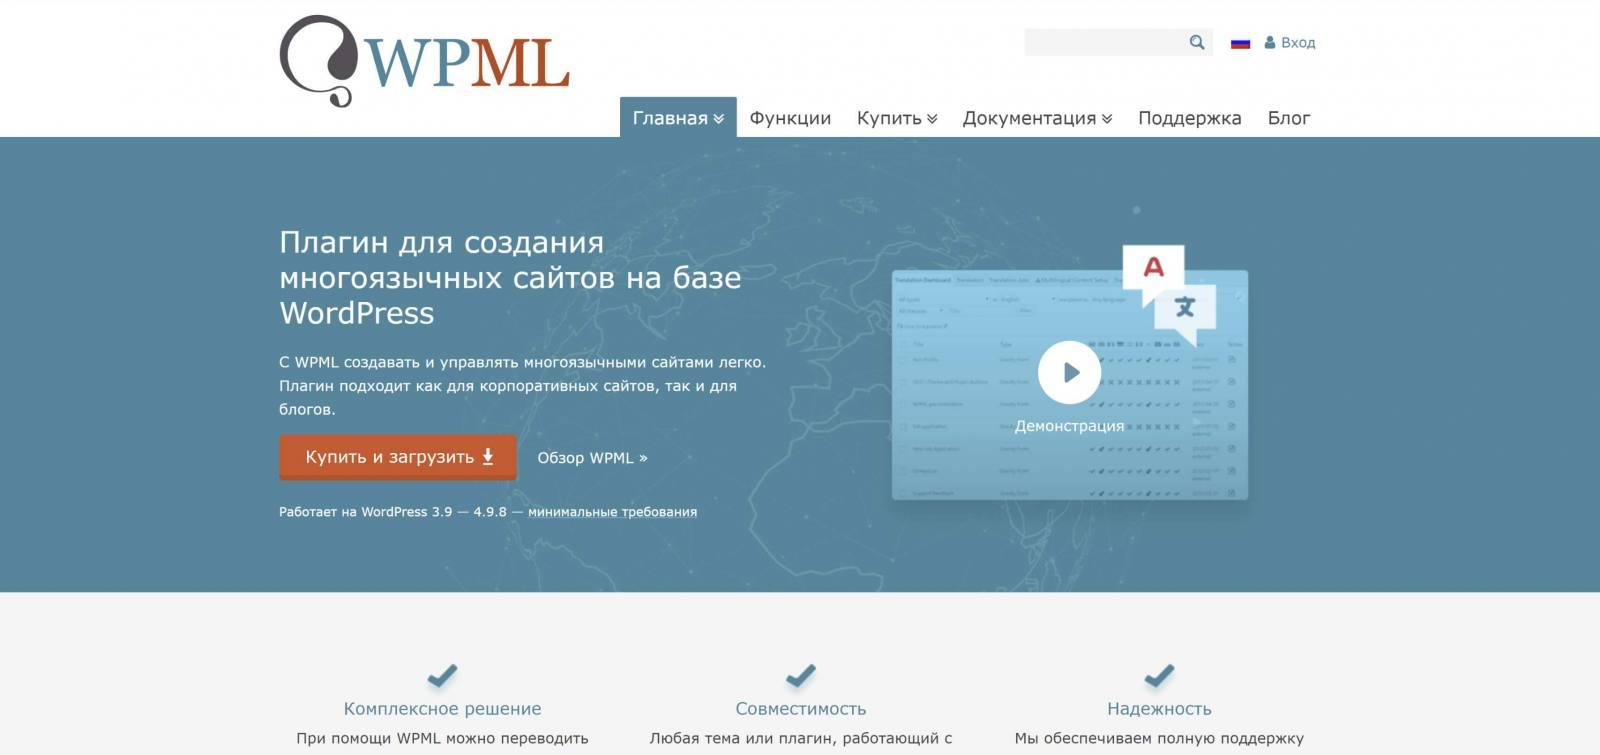 wpml-blog